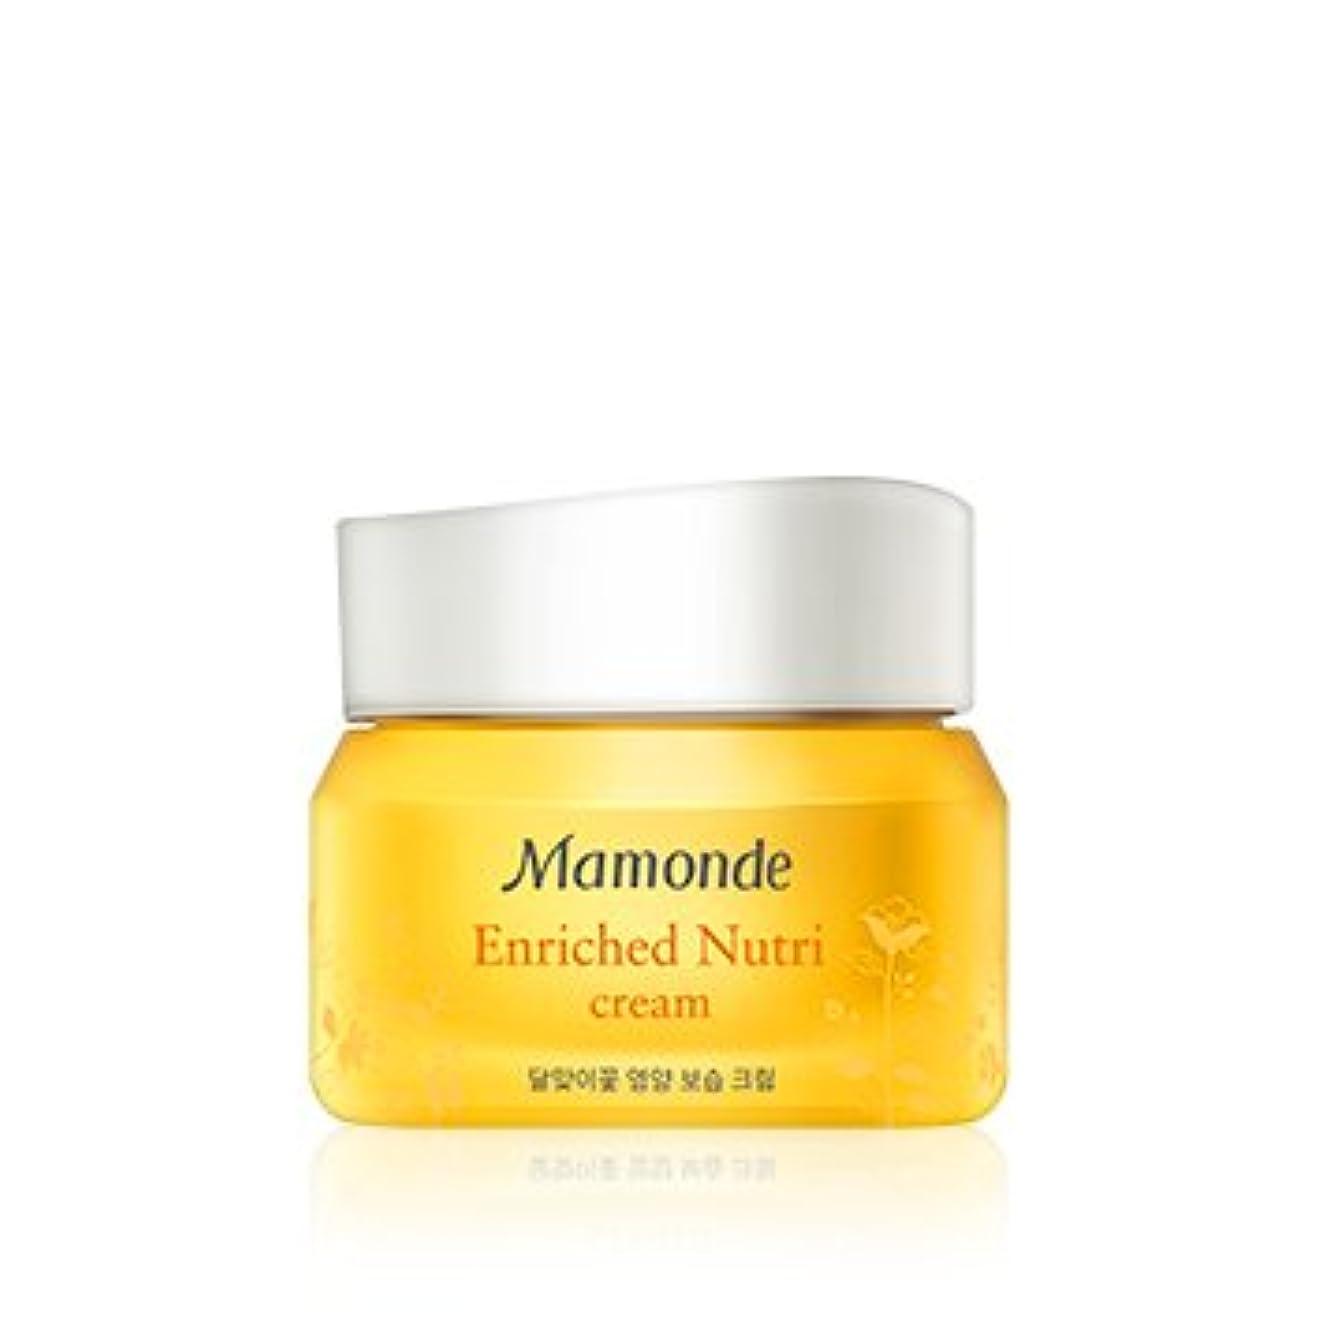 がっかりする反毒散らす[New] Mamonde Enriched Nutri Cream 50ml/マモンド エンリッチド ニュートリ クリーム 50ml [並行輸入品]